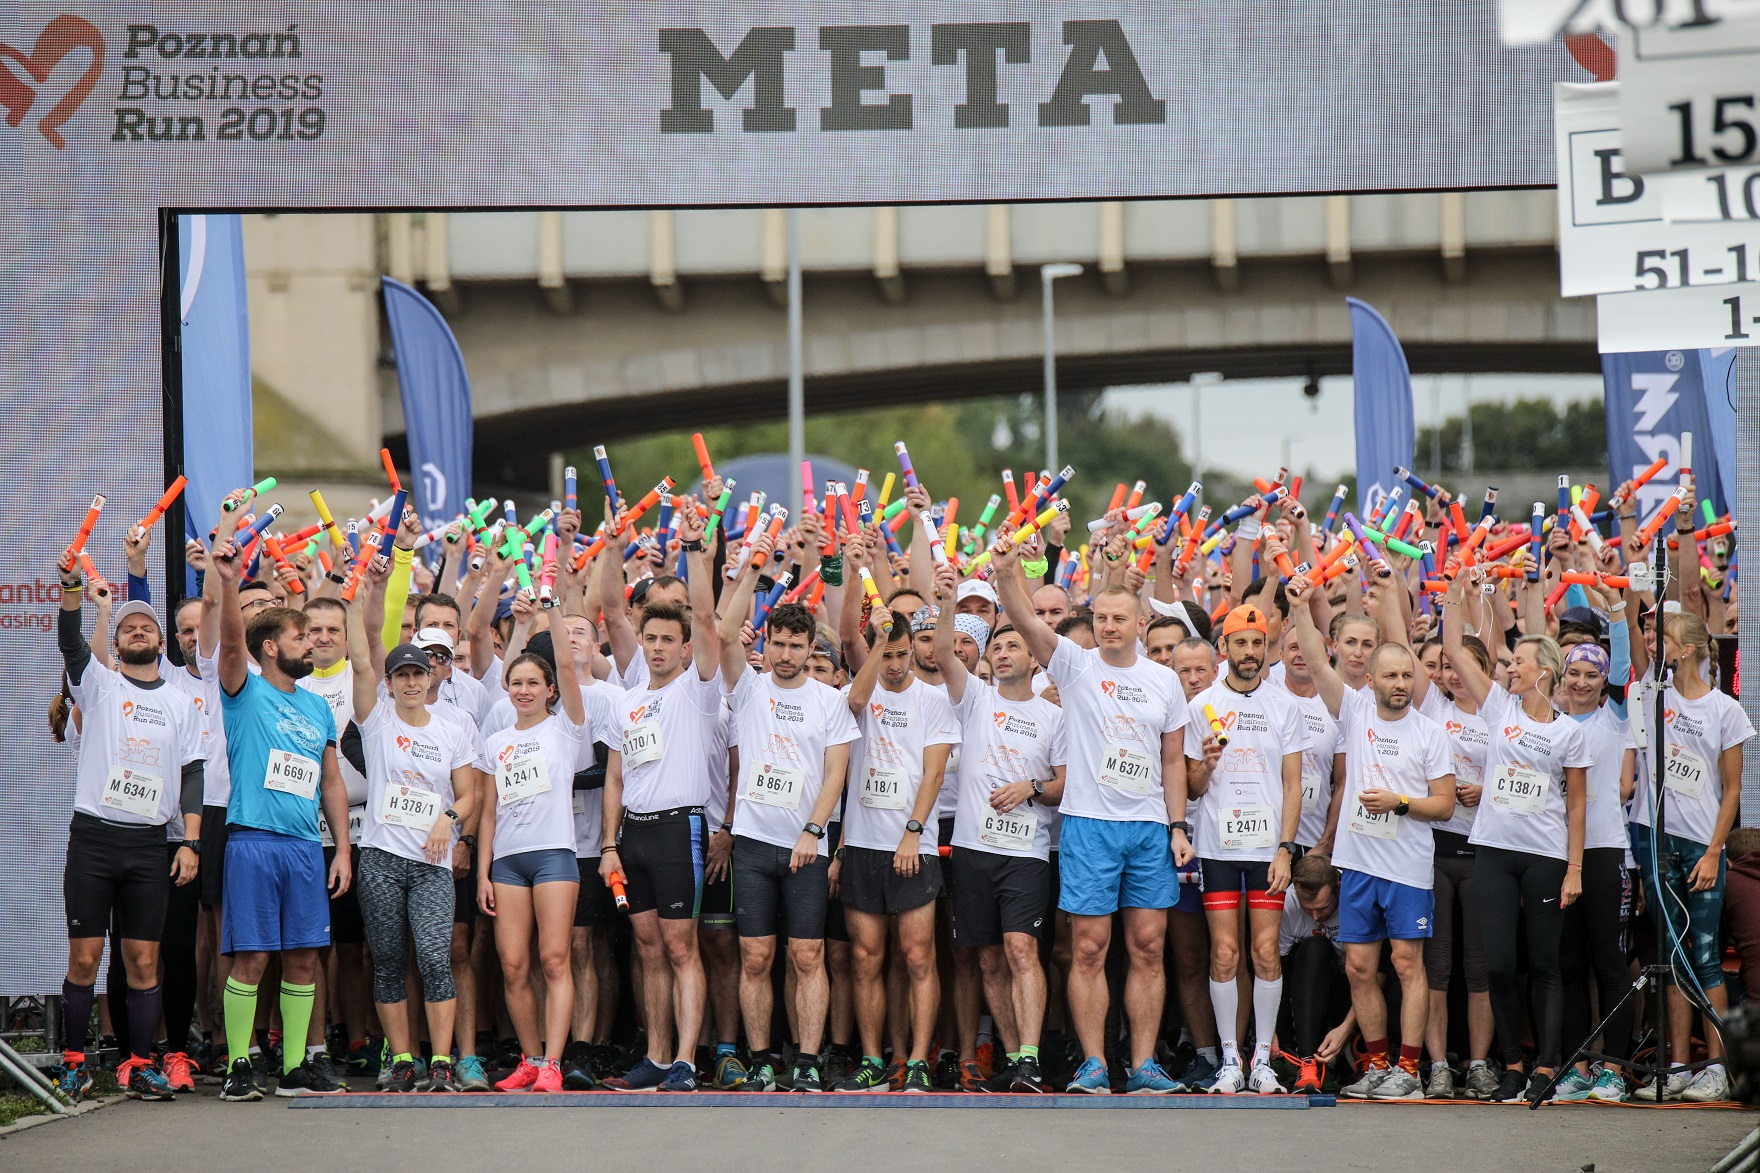 Ponad 27 tys. biegaczy  w Poland Business Run 2019